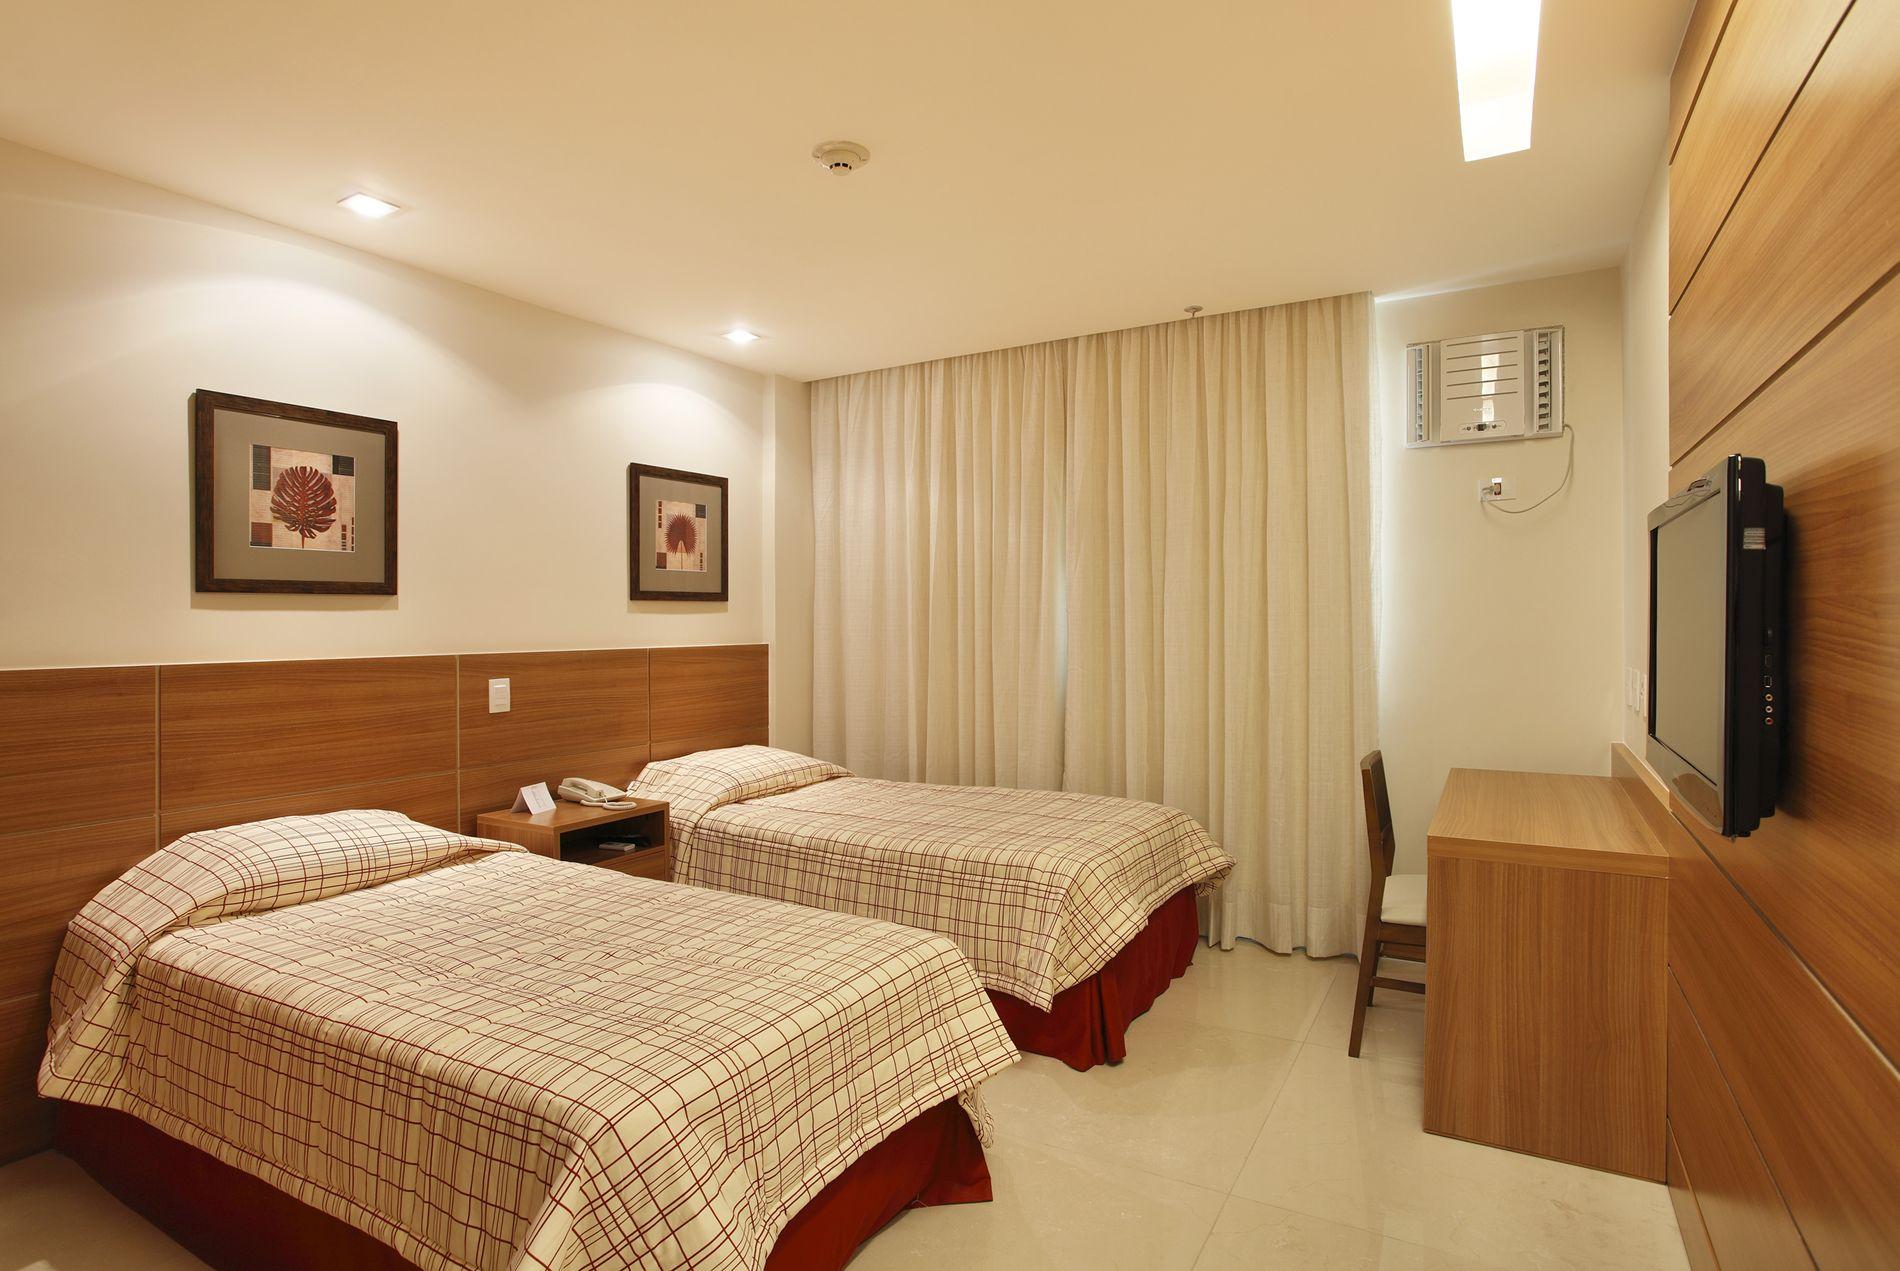 Decoração de Interiores Projeto de Hotelaria Hotel Granada #7C441C 1900 1271